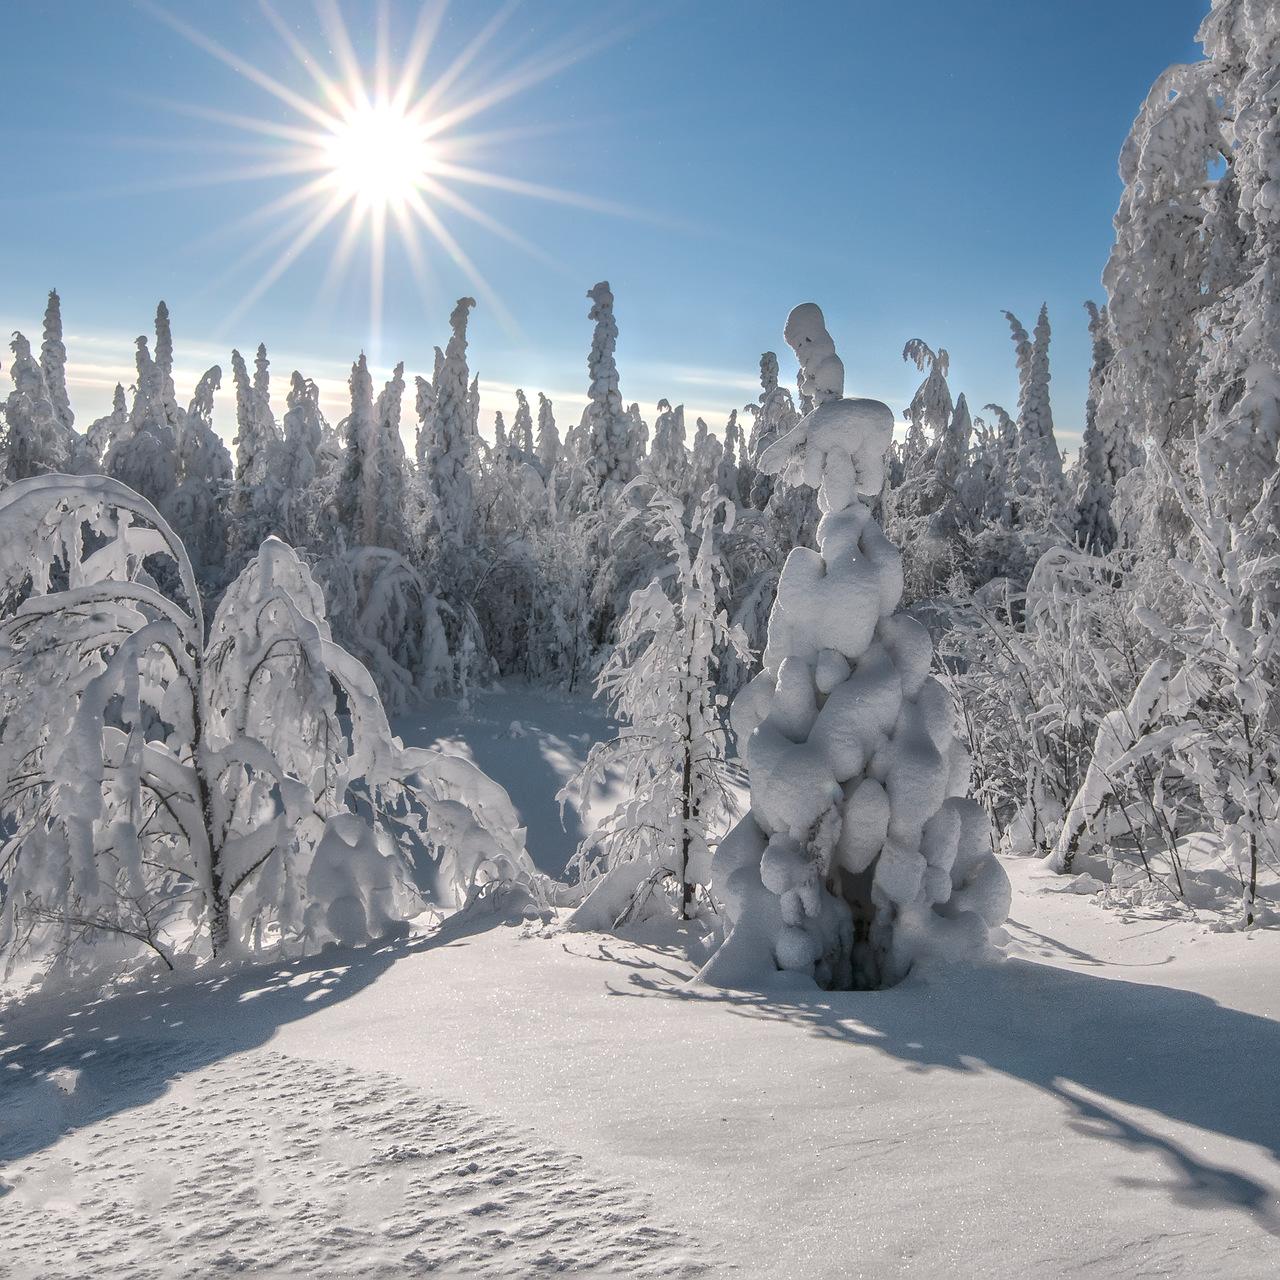 русская зима красивые картинки можете